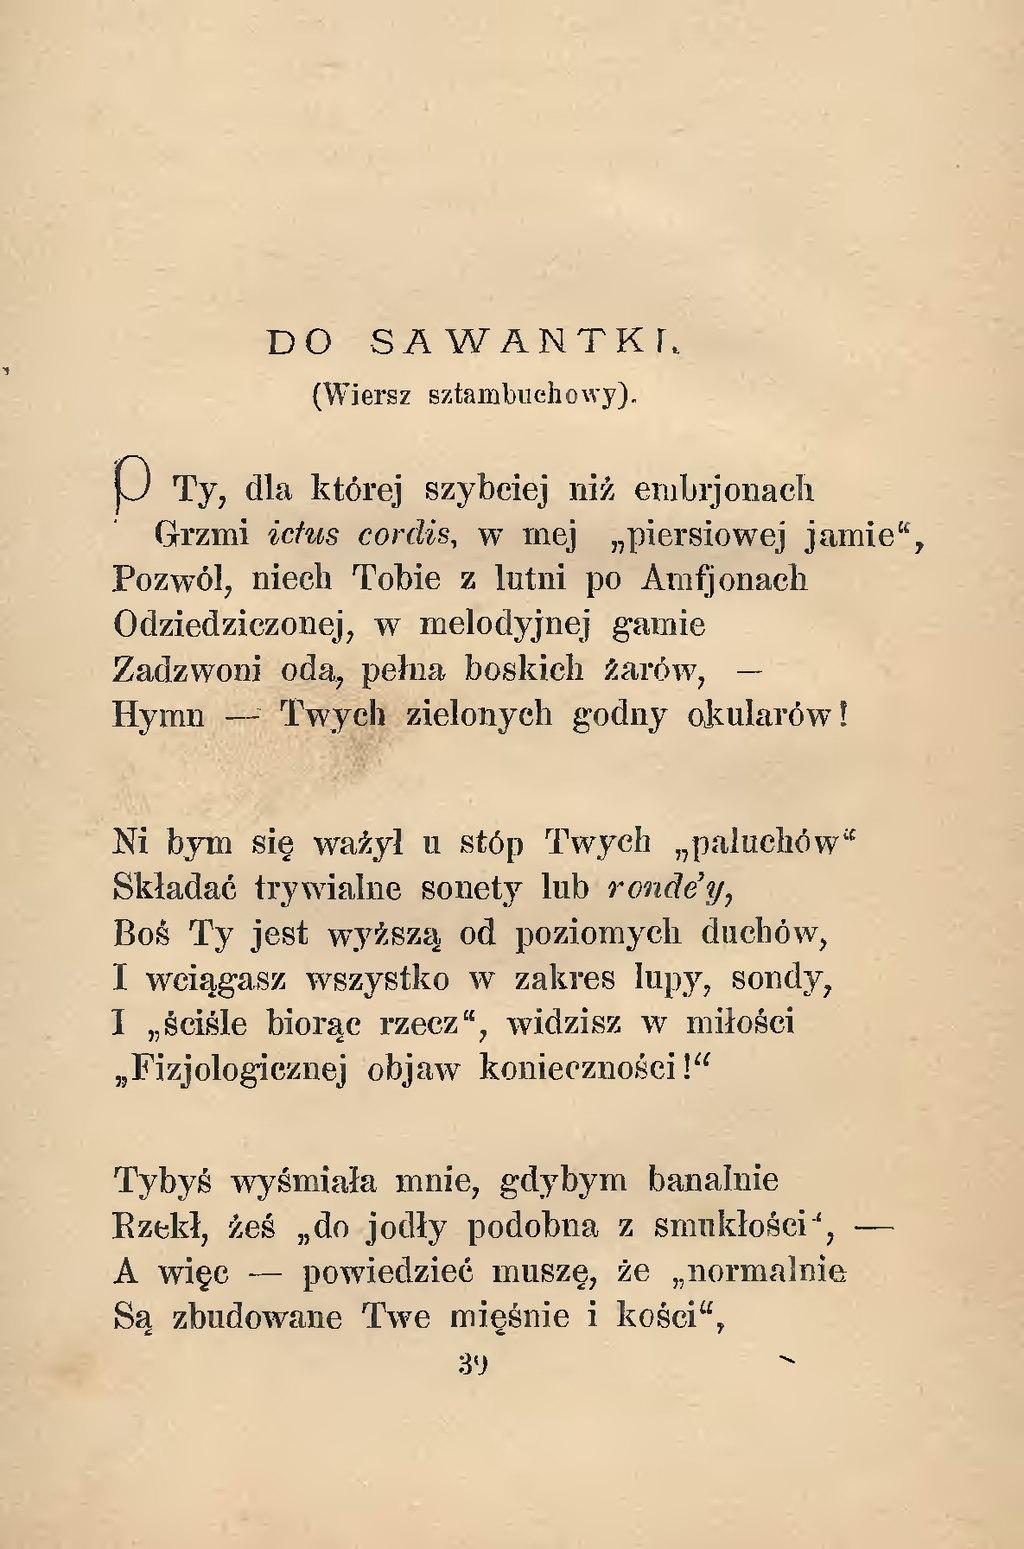 Stronaz Teki Chochlika Piosnki I żartydjvu042